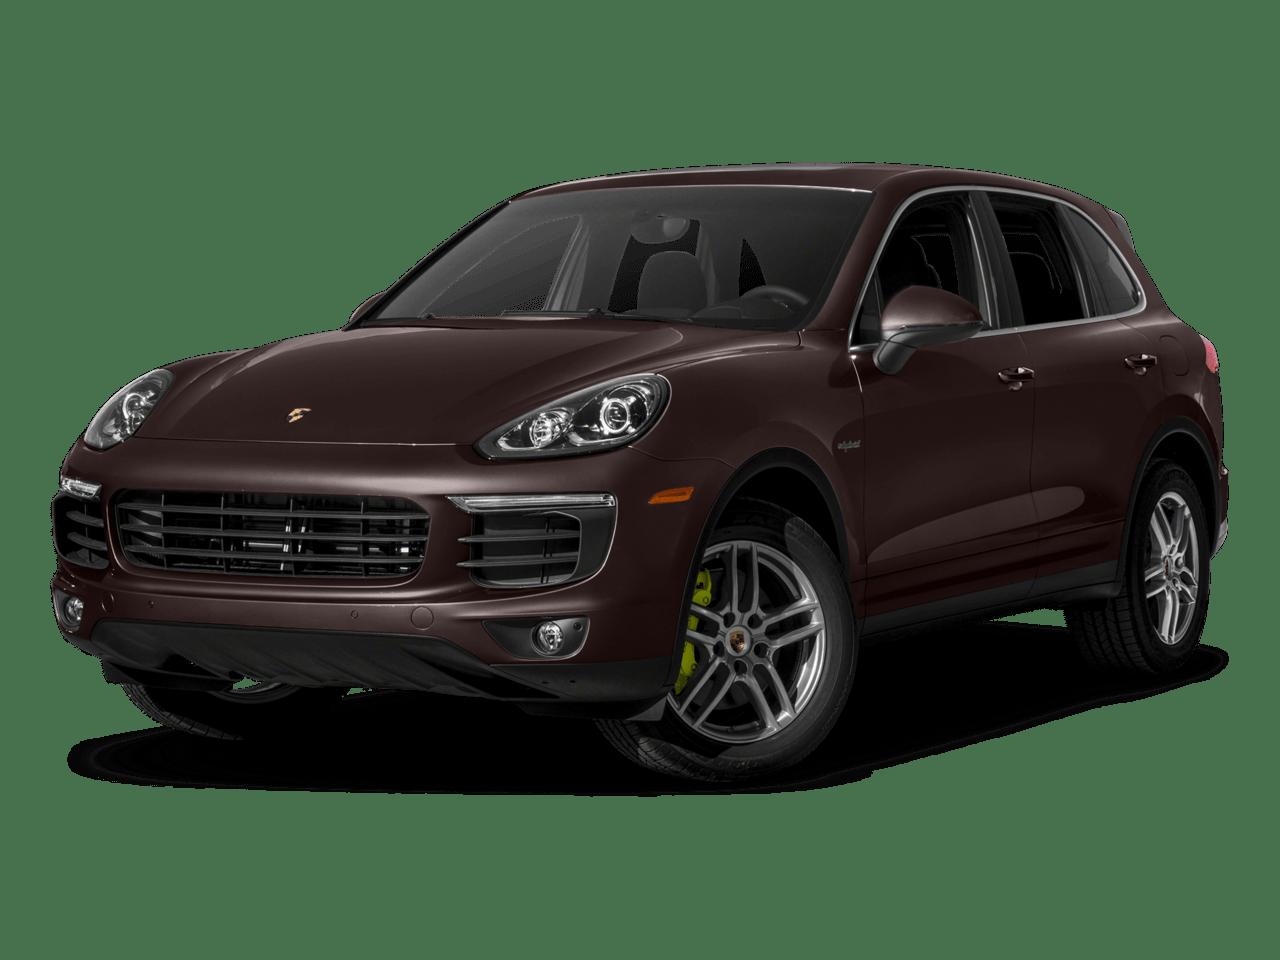 - 2018 Porsche Cayenne Hybrid